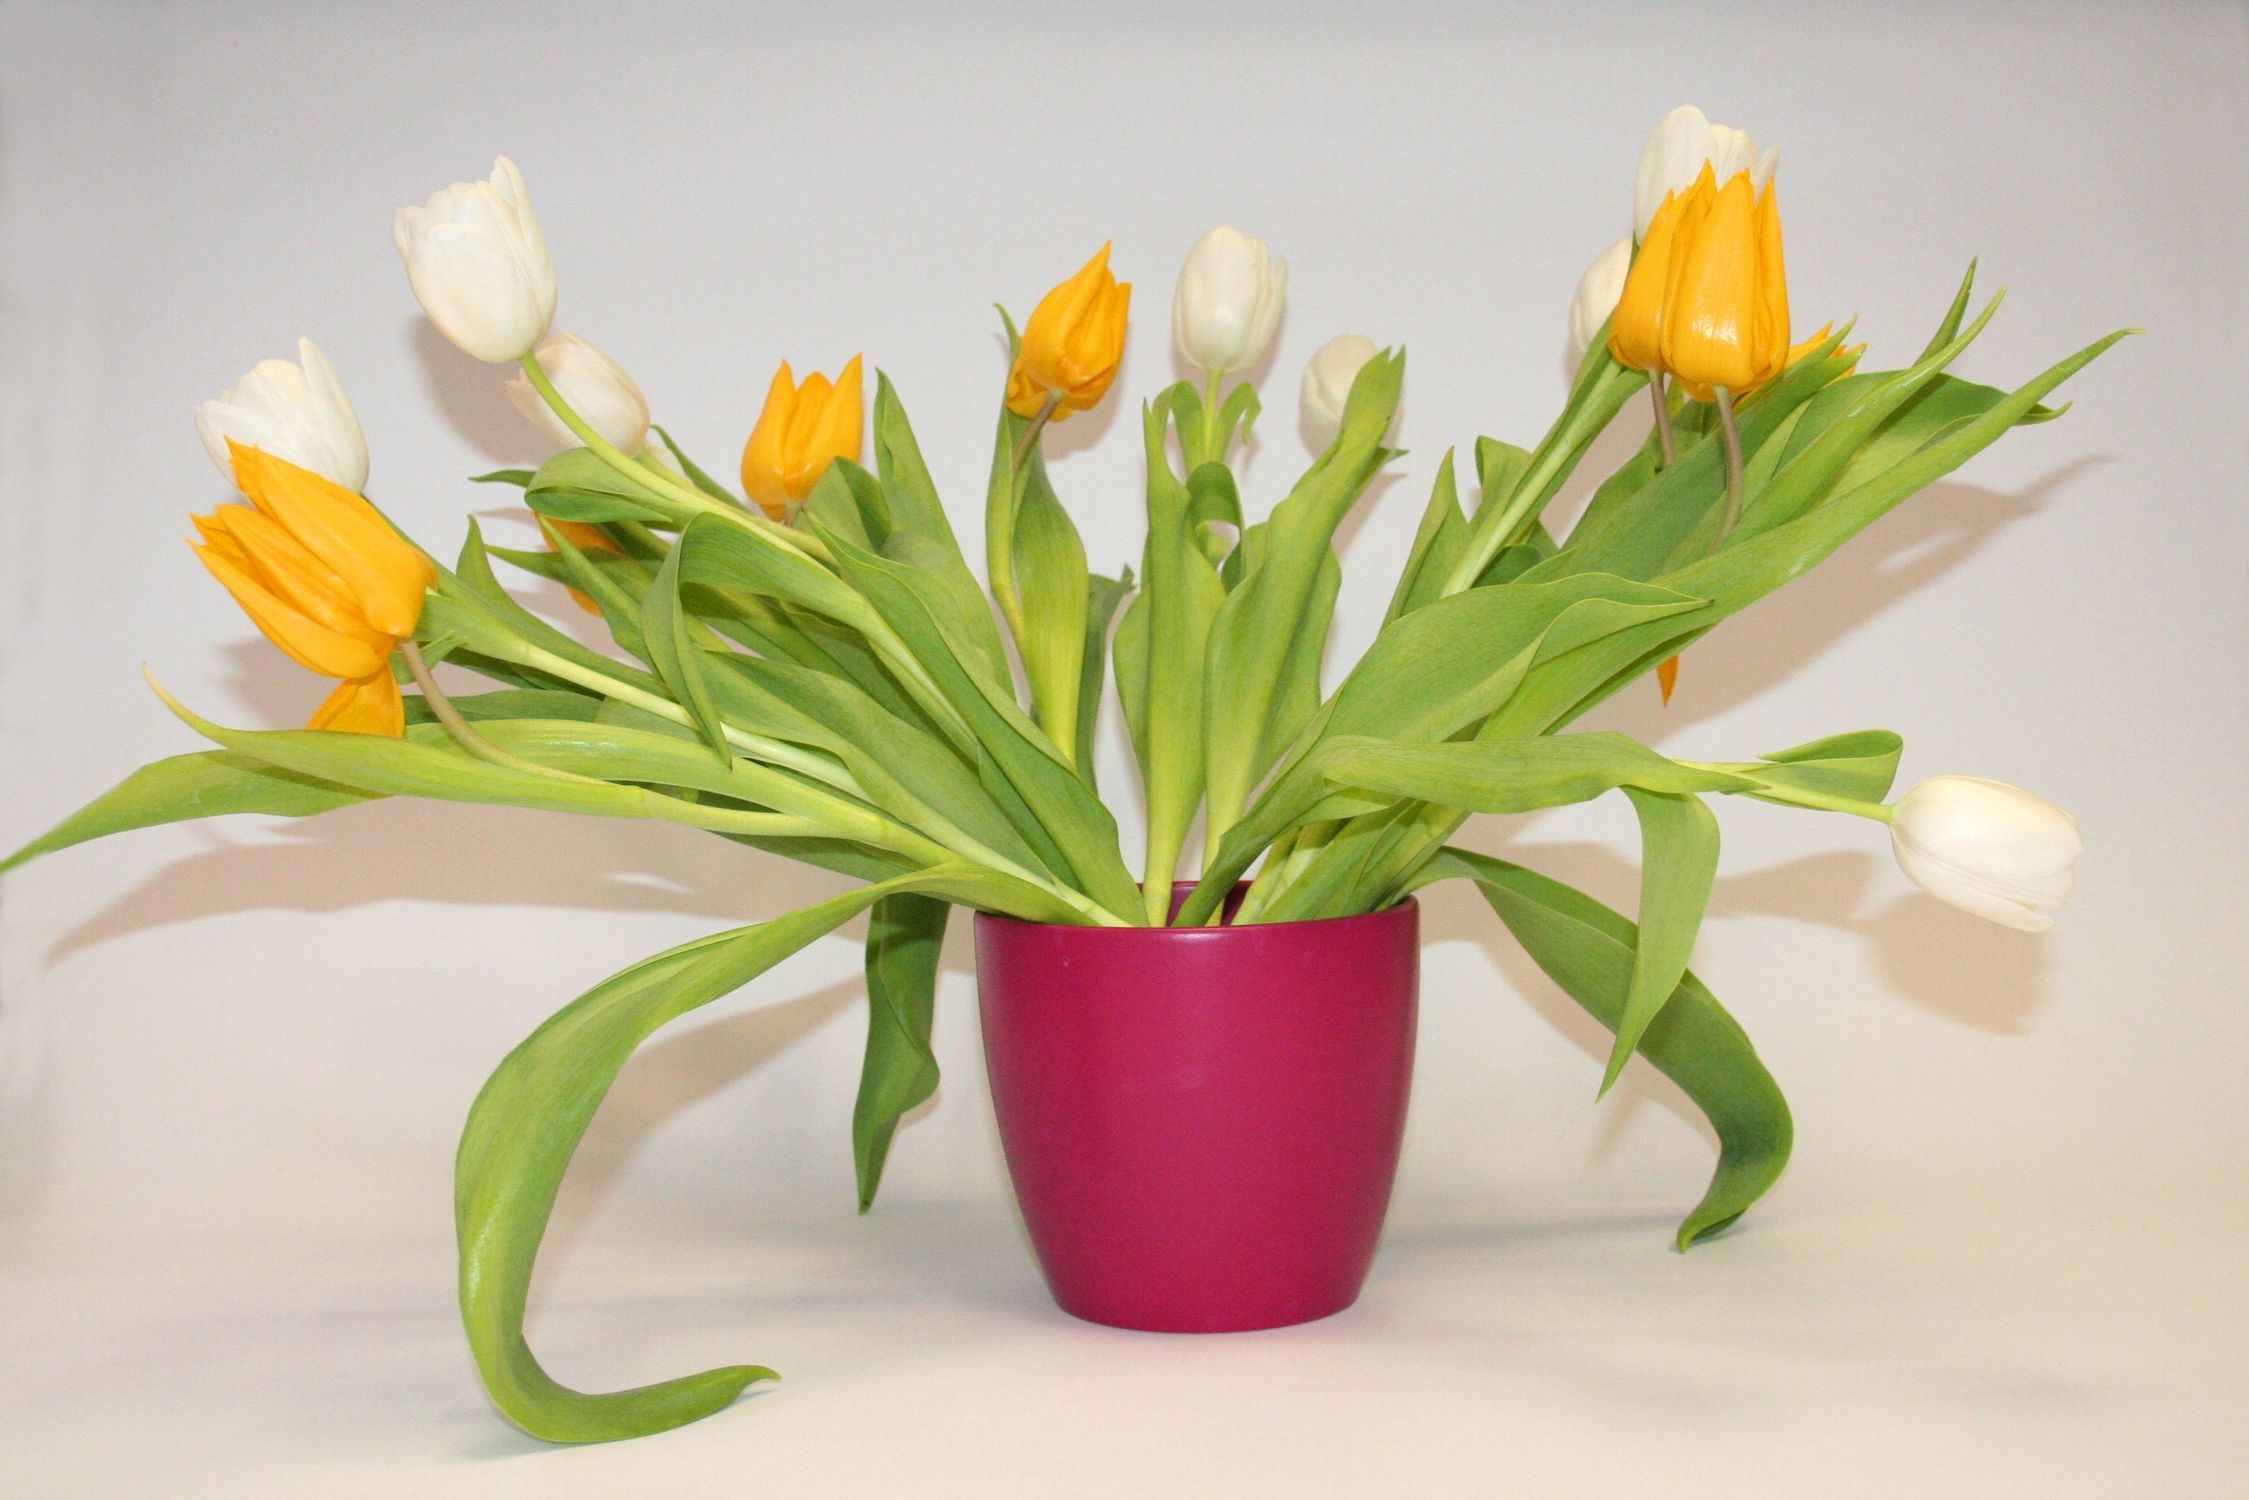 Bild mit Gegenstände, Natur, Pflanzen, Blumen, Töpfe, Sträuße, Bluemstrauß, Tulpe, Tulips, Tulpen, Tulpenstrauß, Strauß Tulpen, gelbe Tulpe, weiße Tulpen, Tulipa, Tulpen in einer rötlichen Vase vor hellem Hintergrund